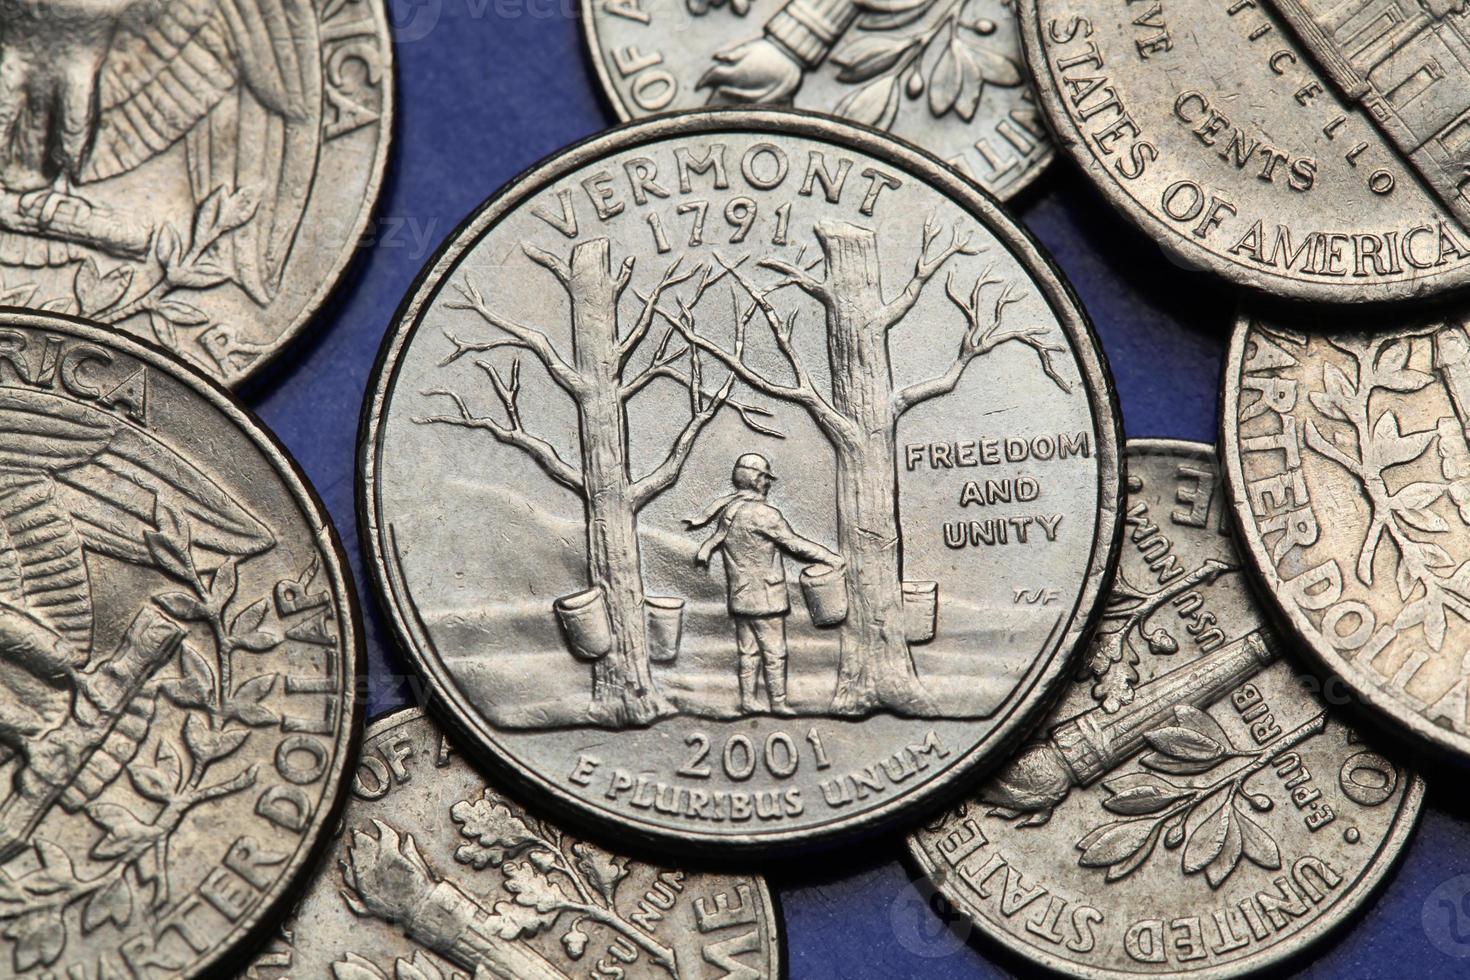 monedas de estados unidos. us 50 trimestre estatal foto